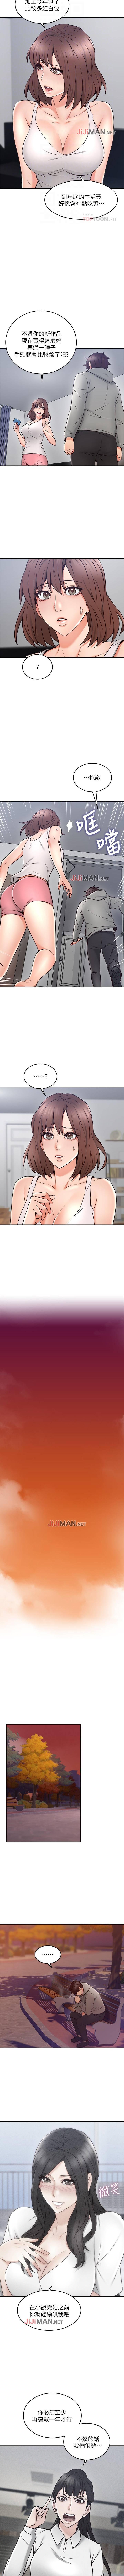 【周六更新】邻居人妻(作者:李周元 & 頸枕) 第1~50话 144